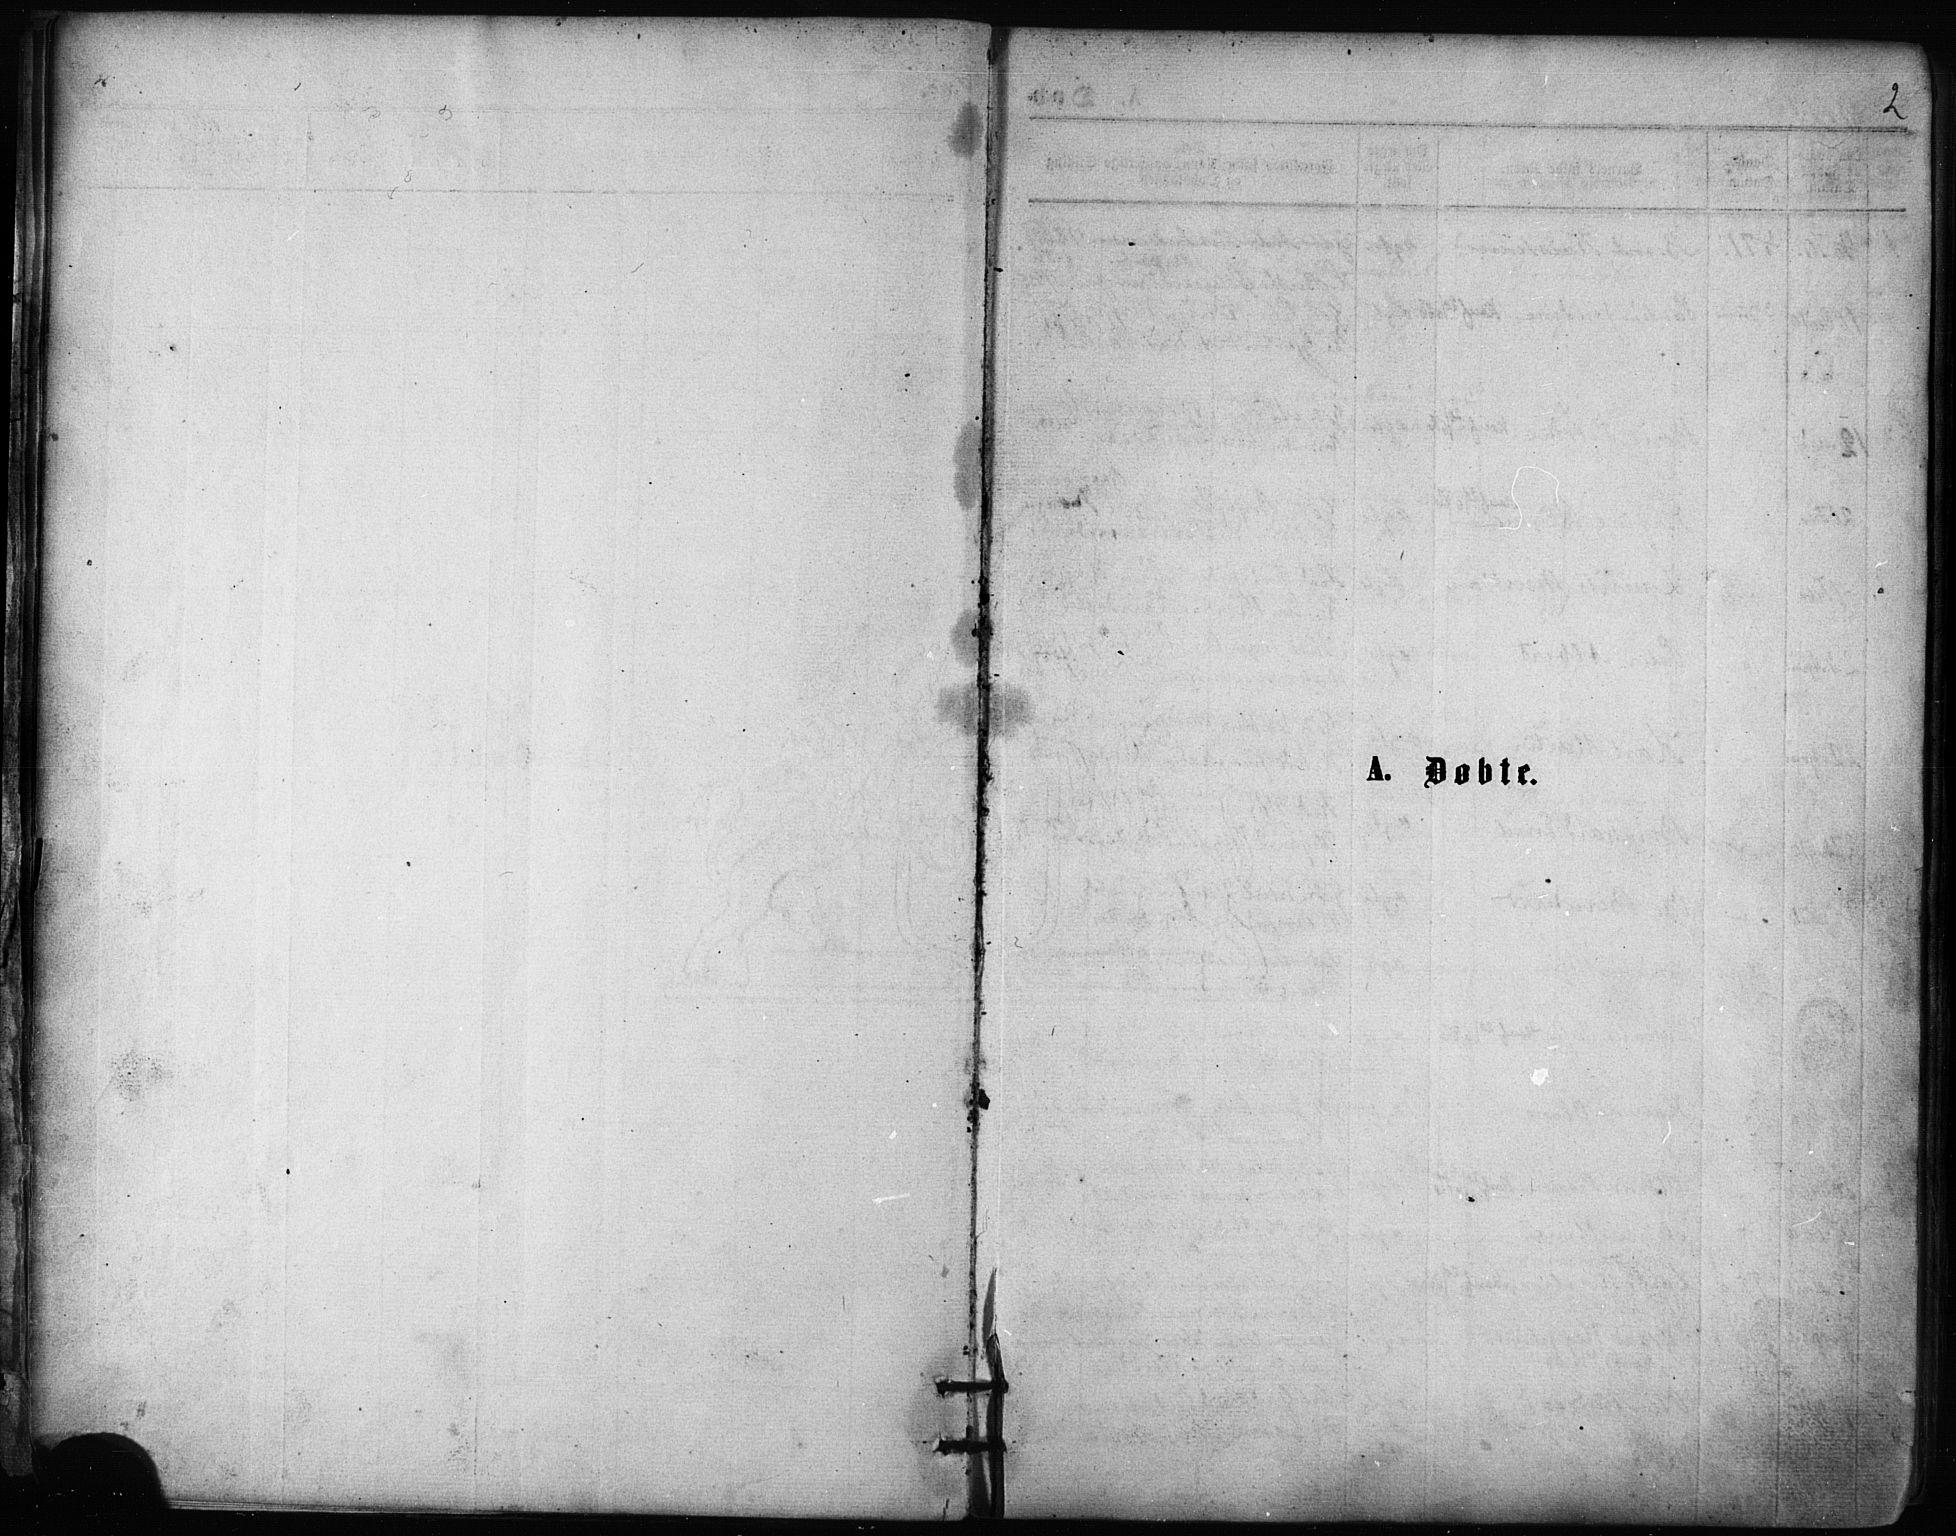 SATØ, Balsfjord sokneprestembete, Ministerialbok nr. 2, 1871-1886, s. 2